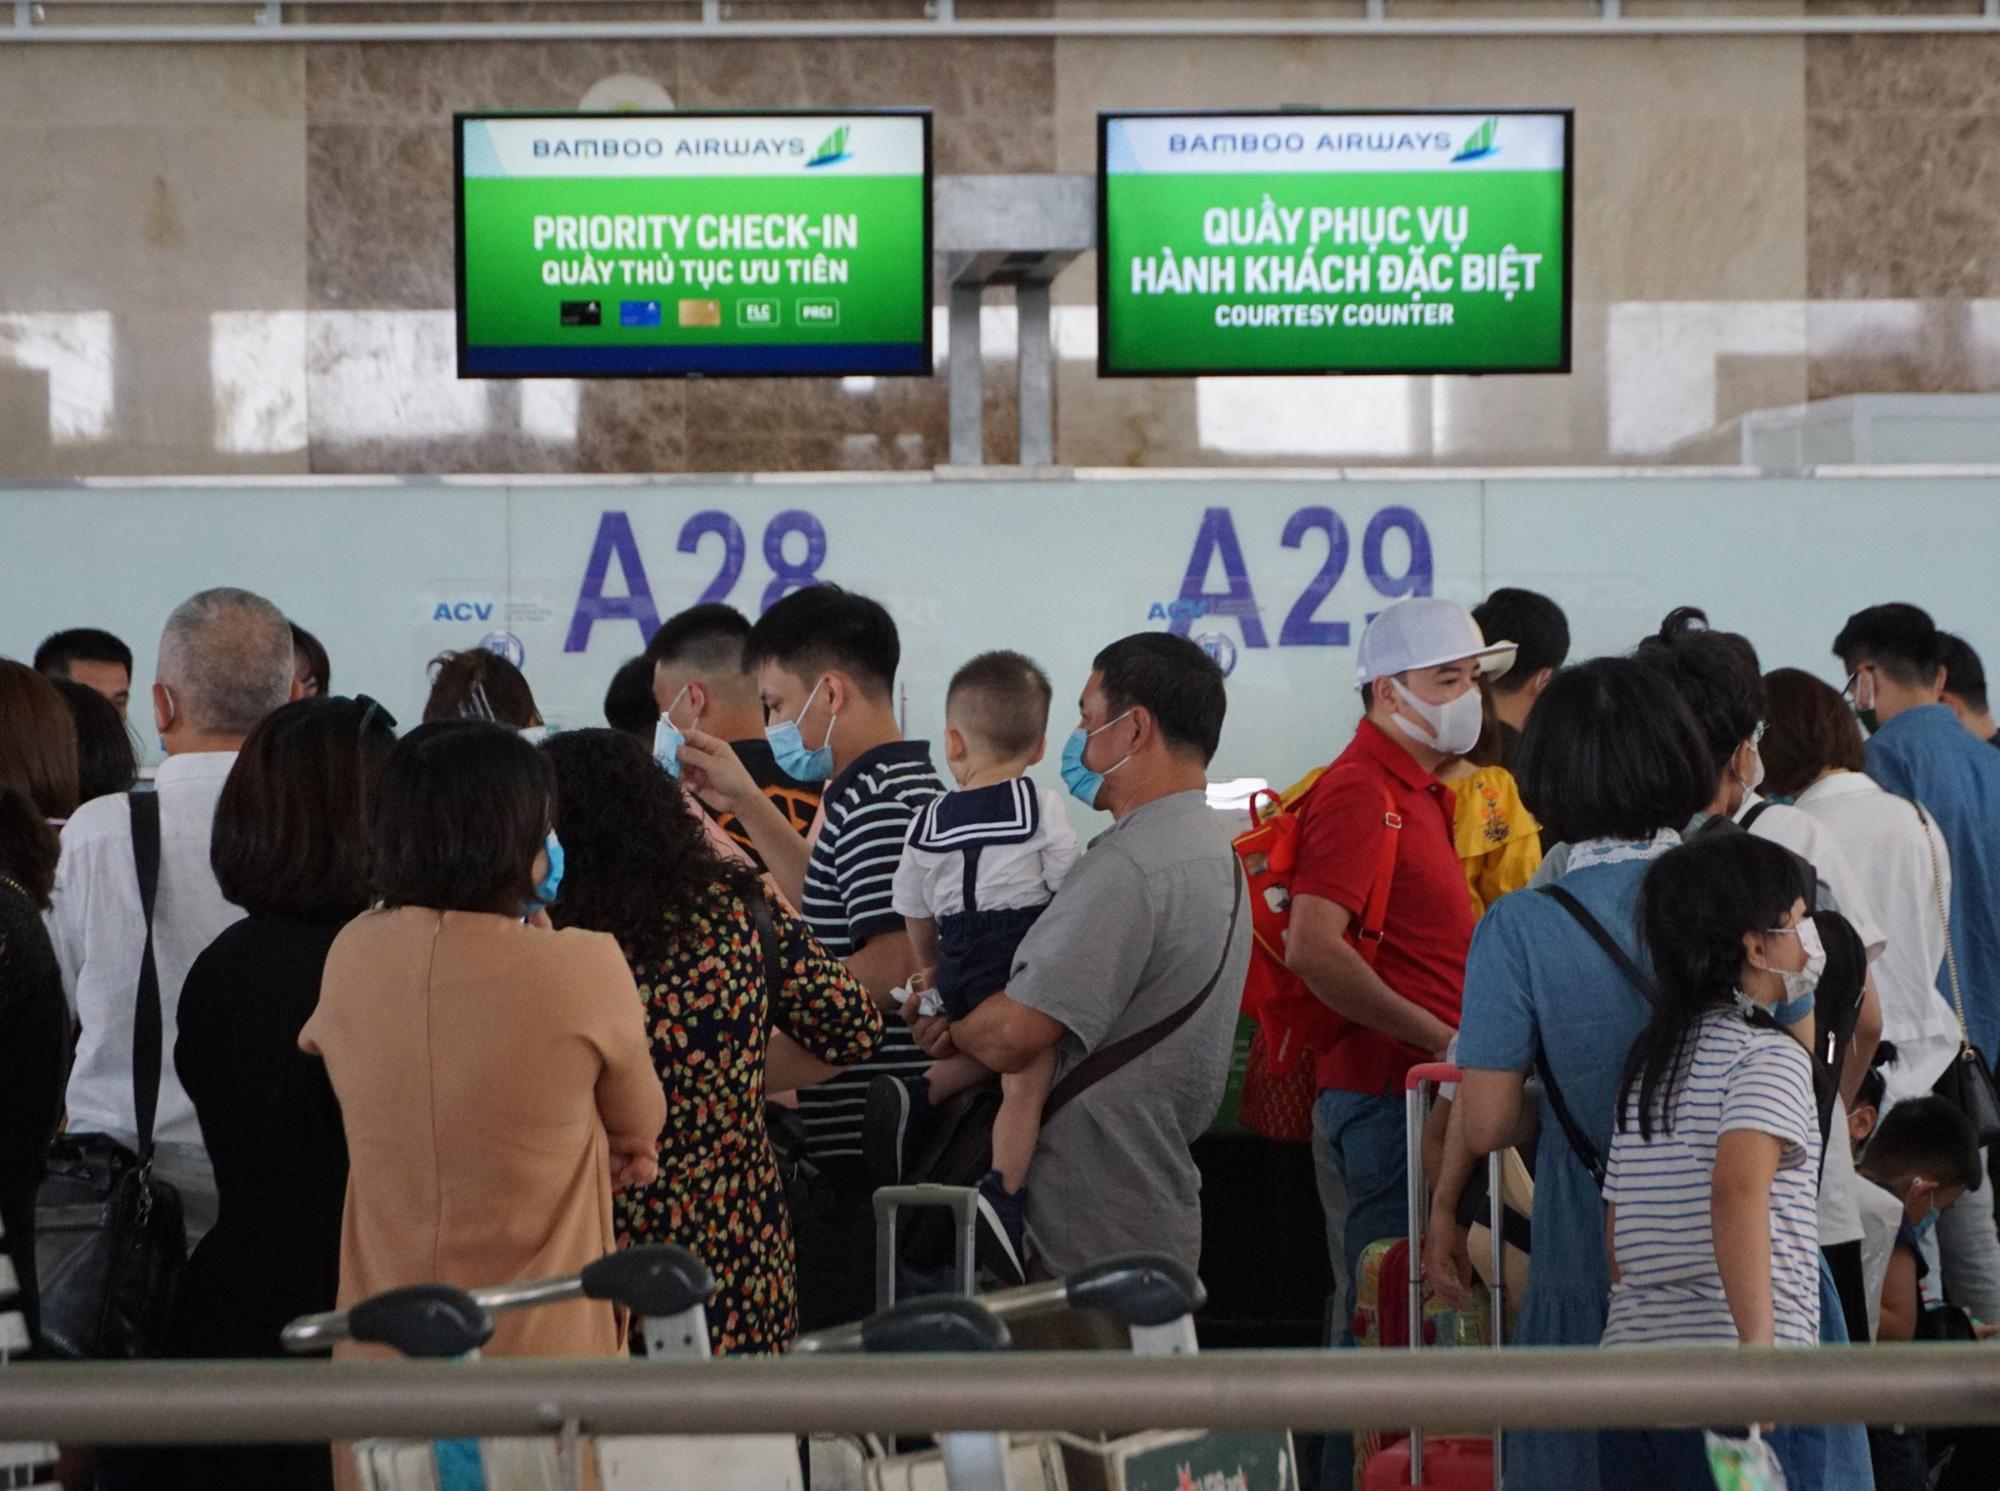 Hàng vạn hành khách xếp hàng dài chờ check-in tại sân bay Nội Bài trước ngày nghỉ lễ 30/4-1/5 - Ảnh 9.